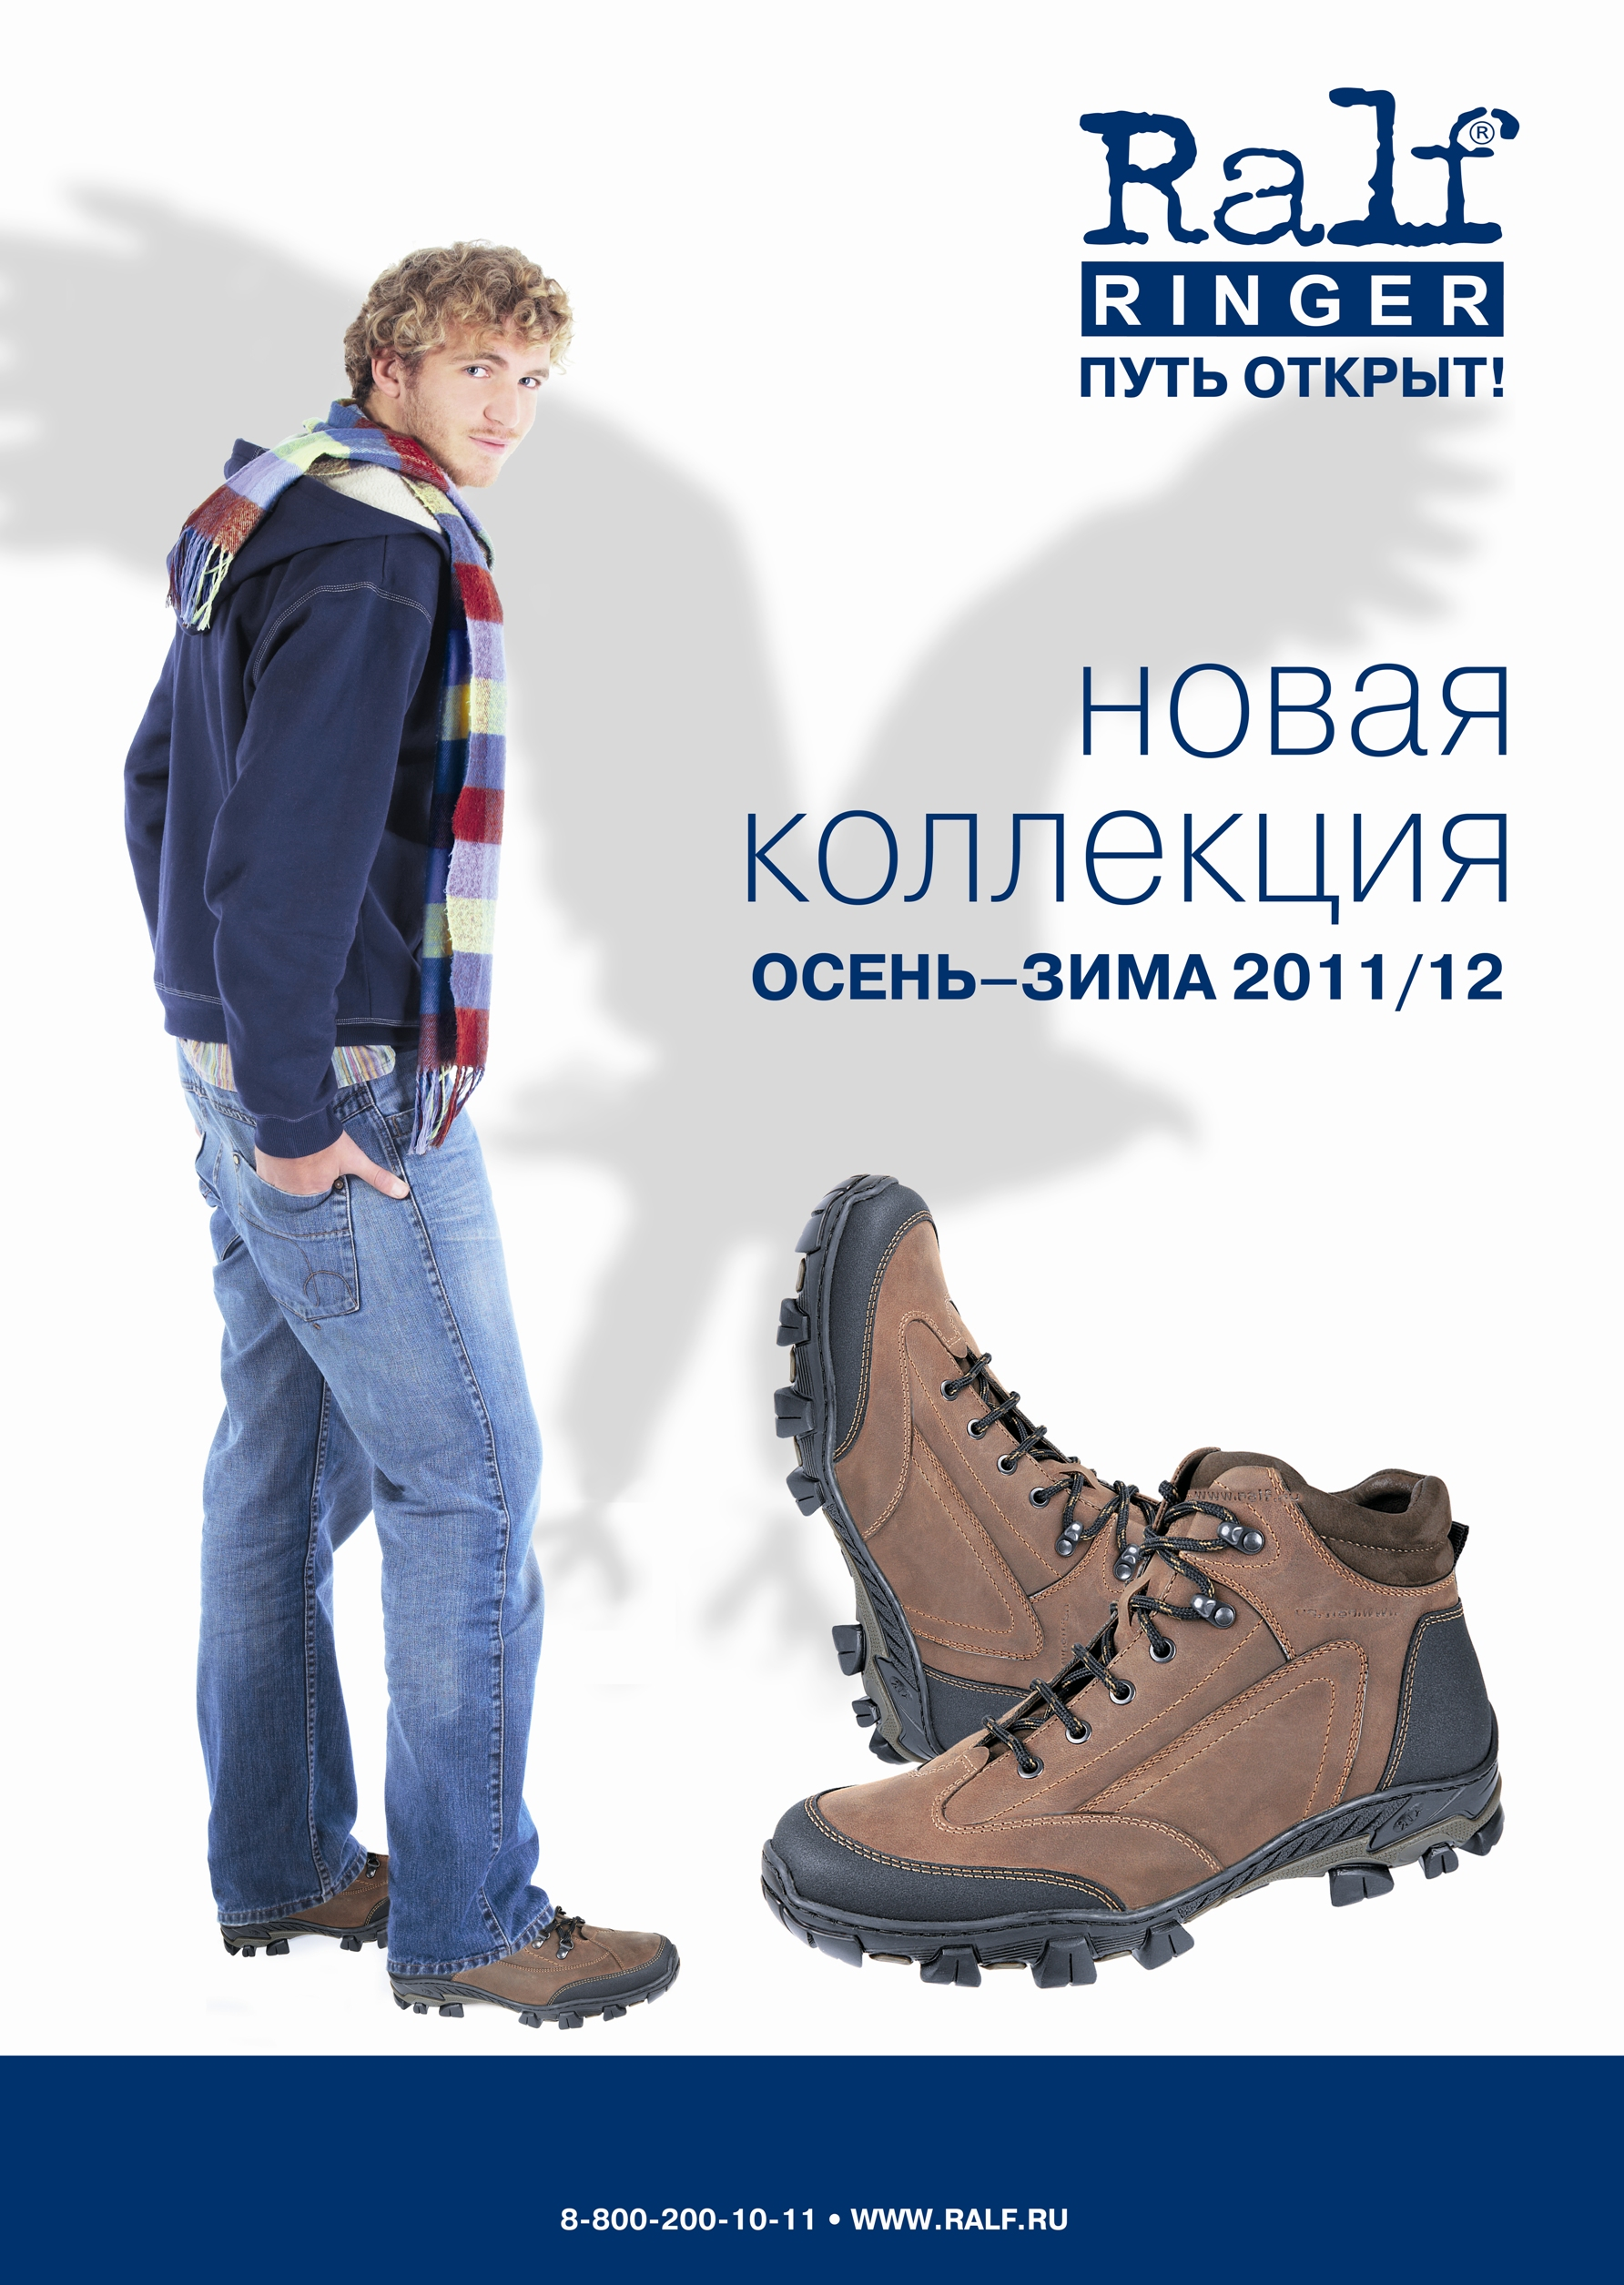 Ralf Ringer в Санкт-Петербурге - адреса магазинов